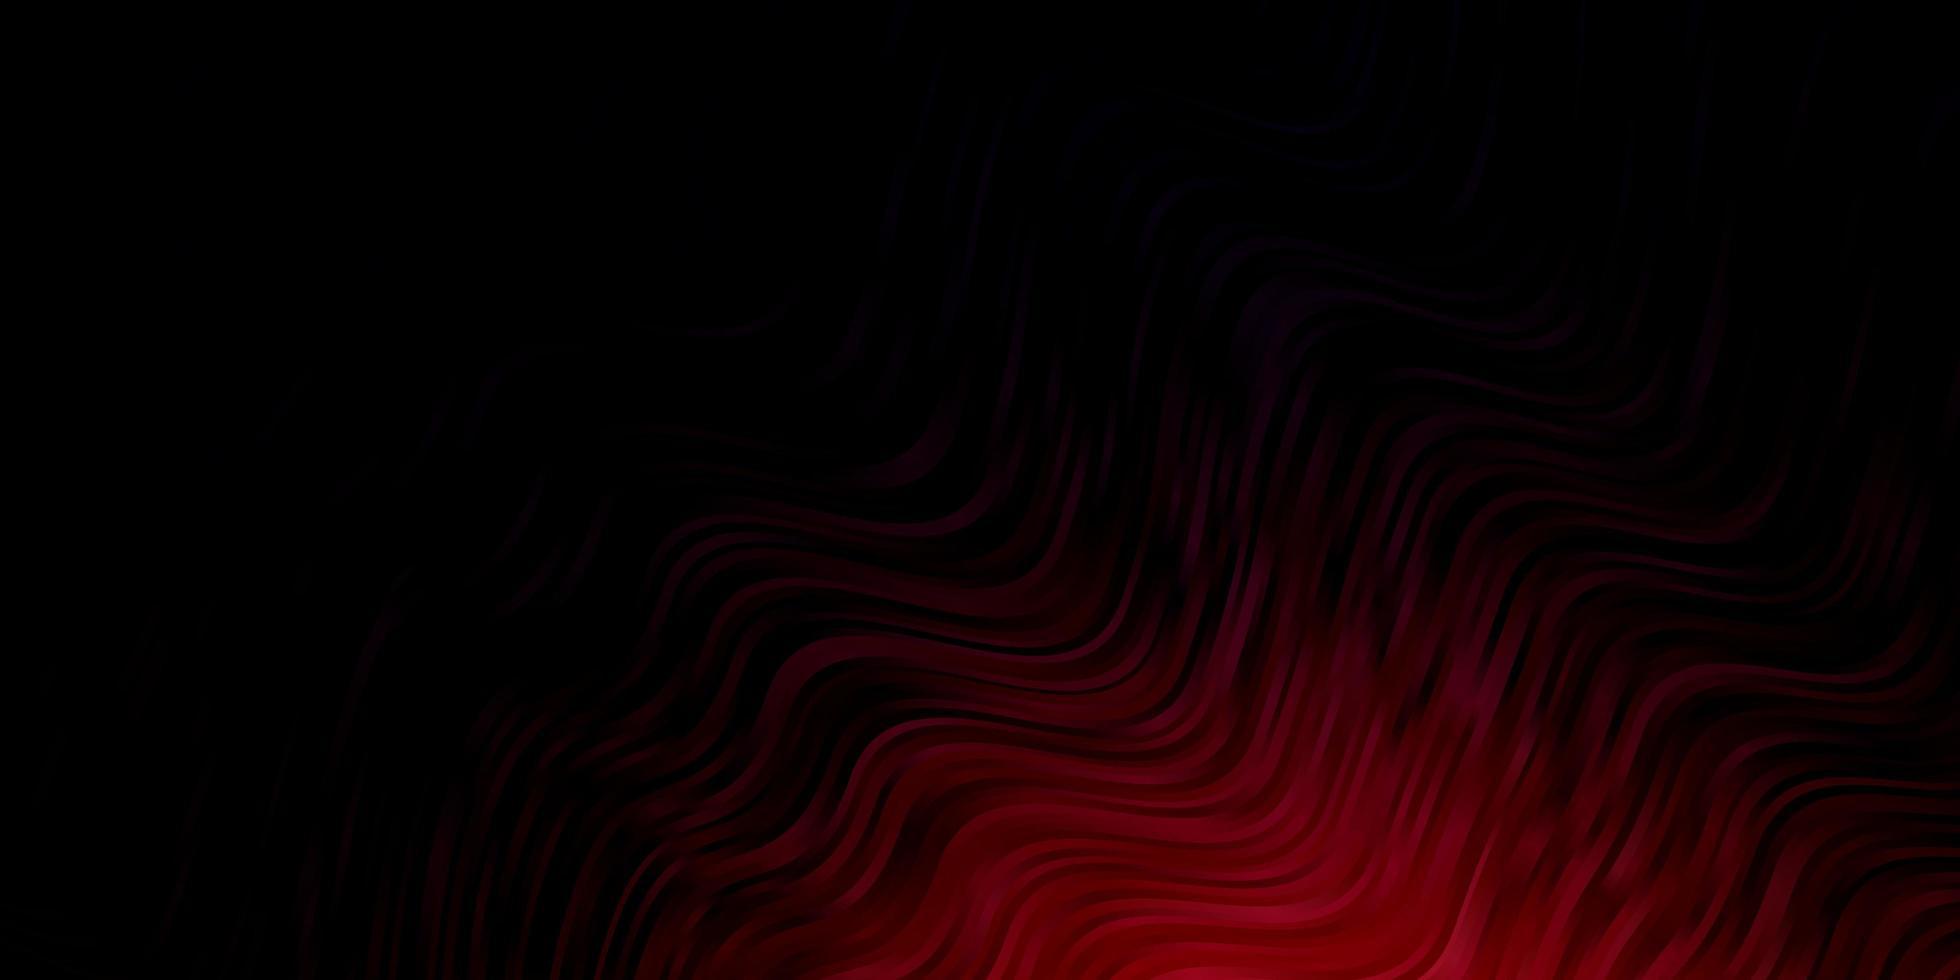 padrão vermelho escuro com linhas irônicas. vetor